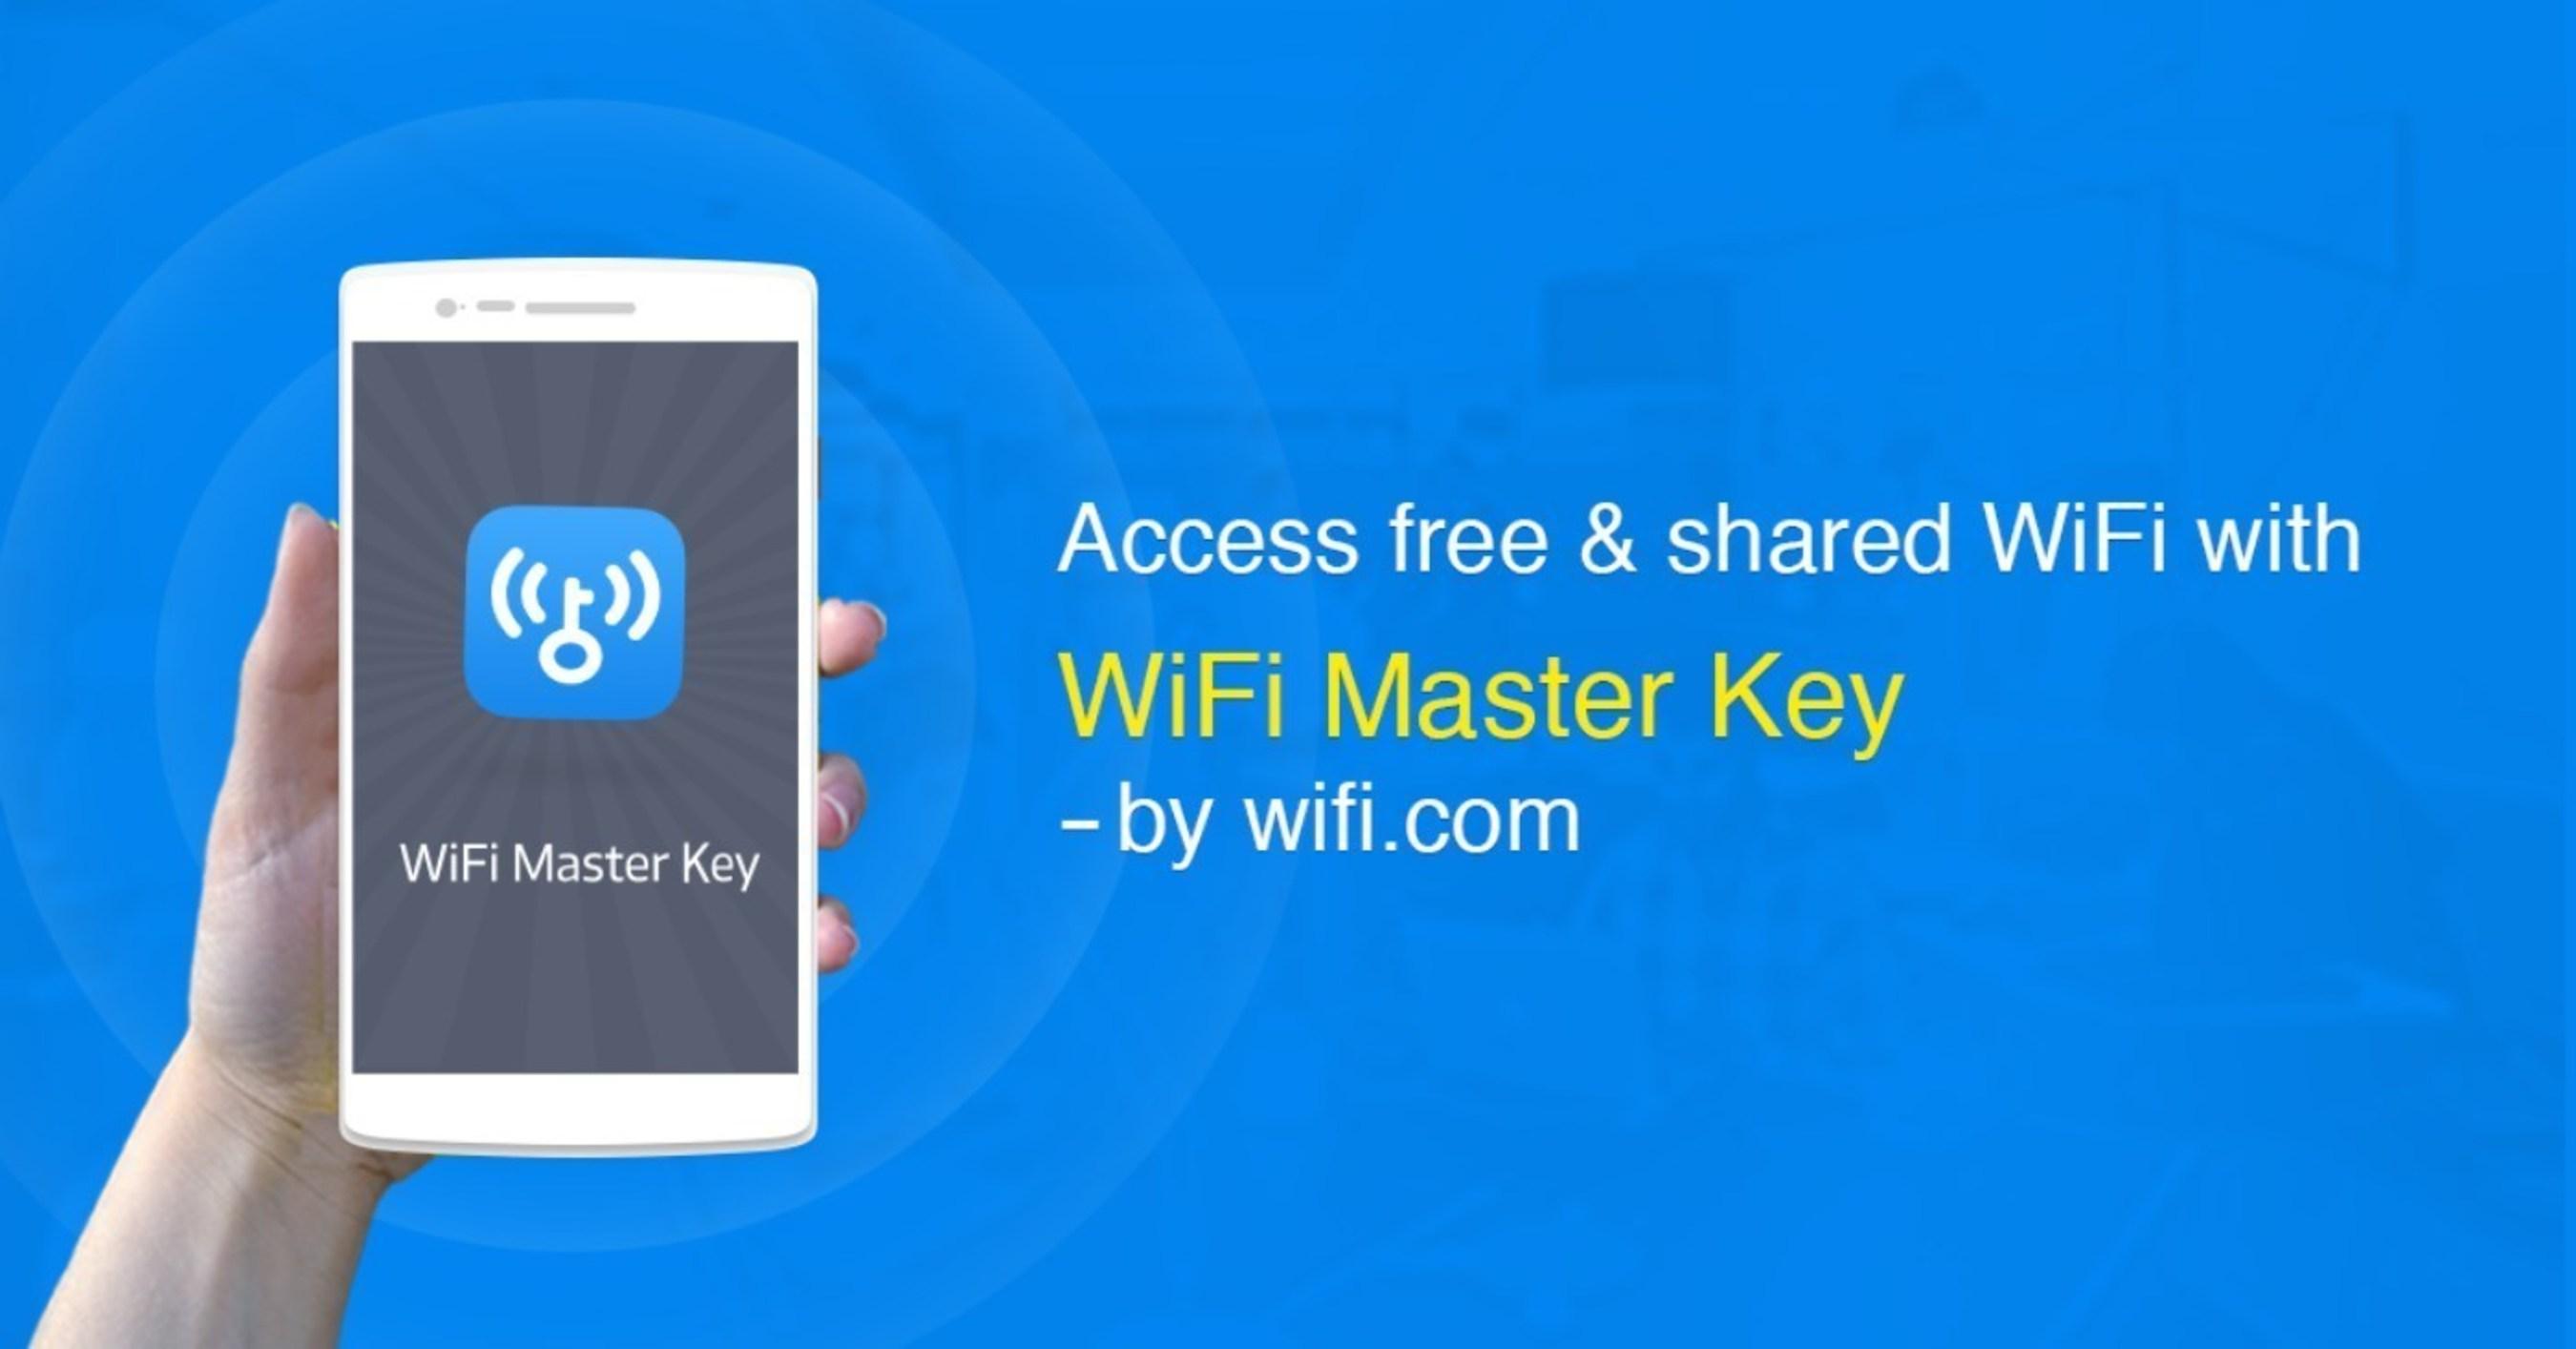 Приложение WiFi Master Key - by wifi.com вышла на верхушку хит-парада Play Chart в России и